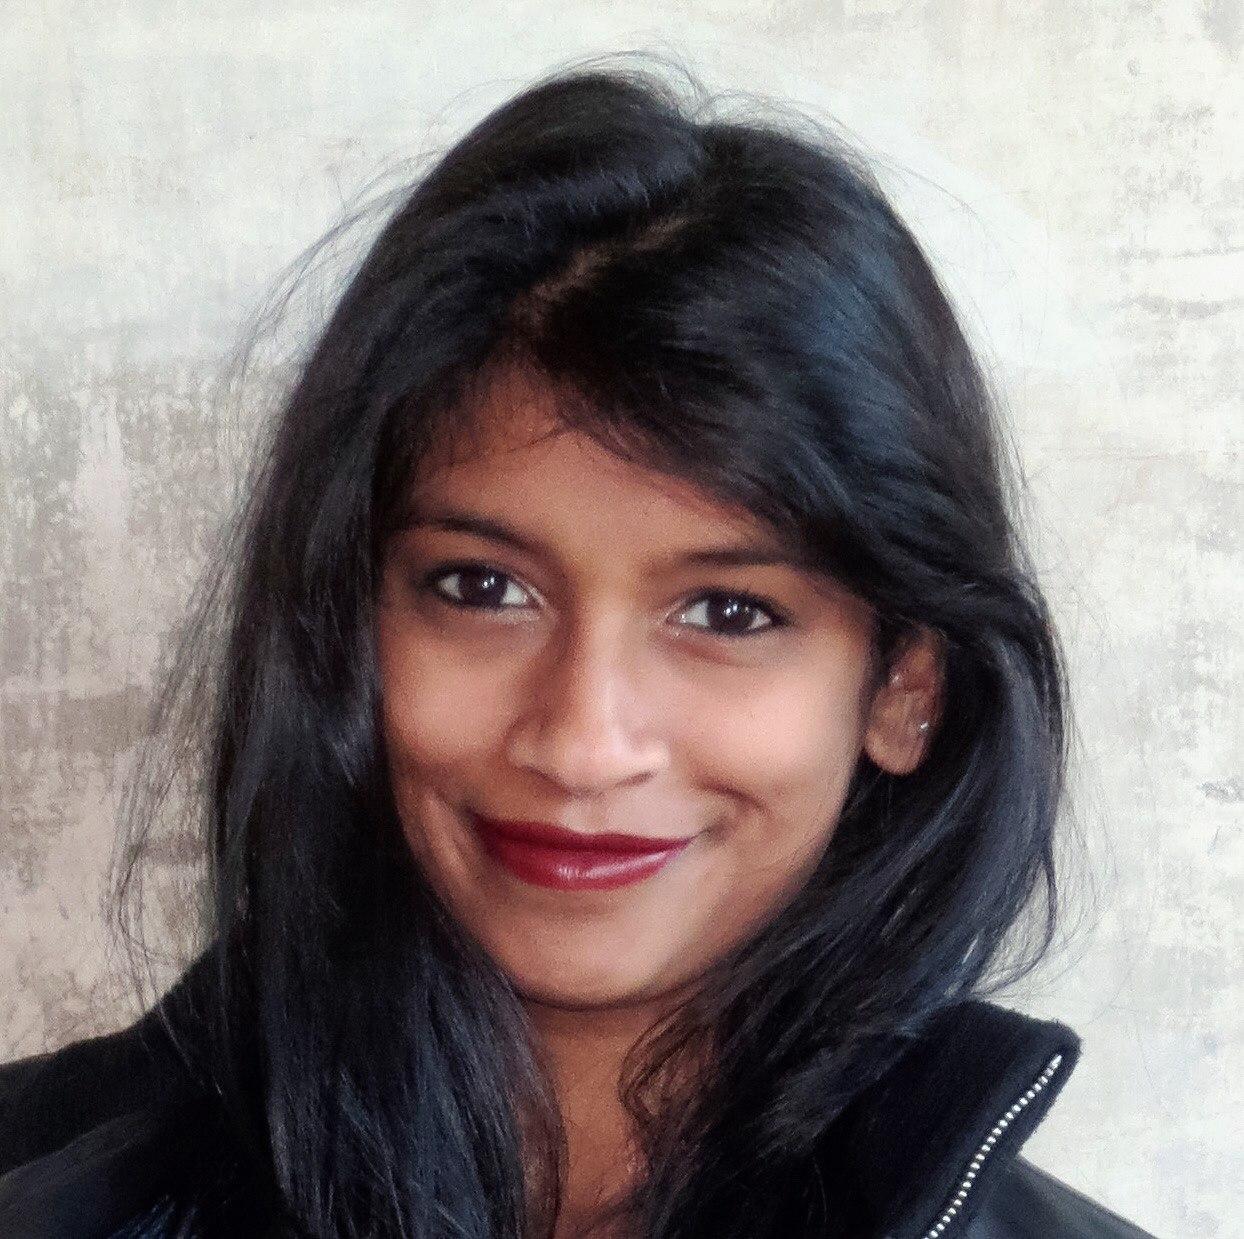 Deepa Lakshmin